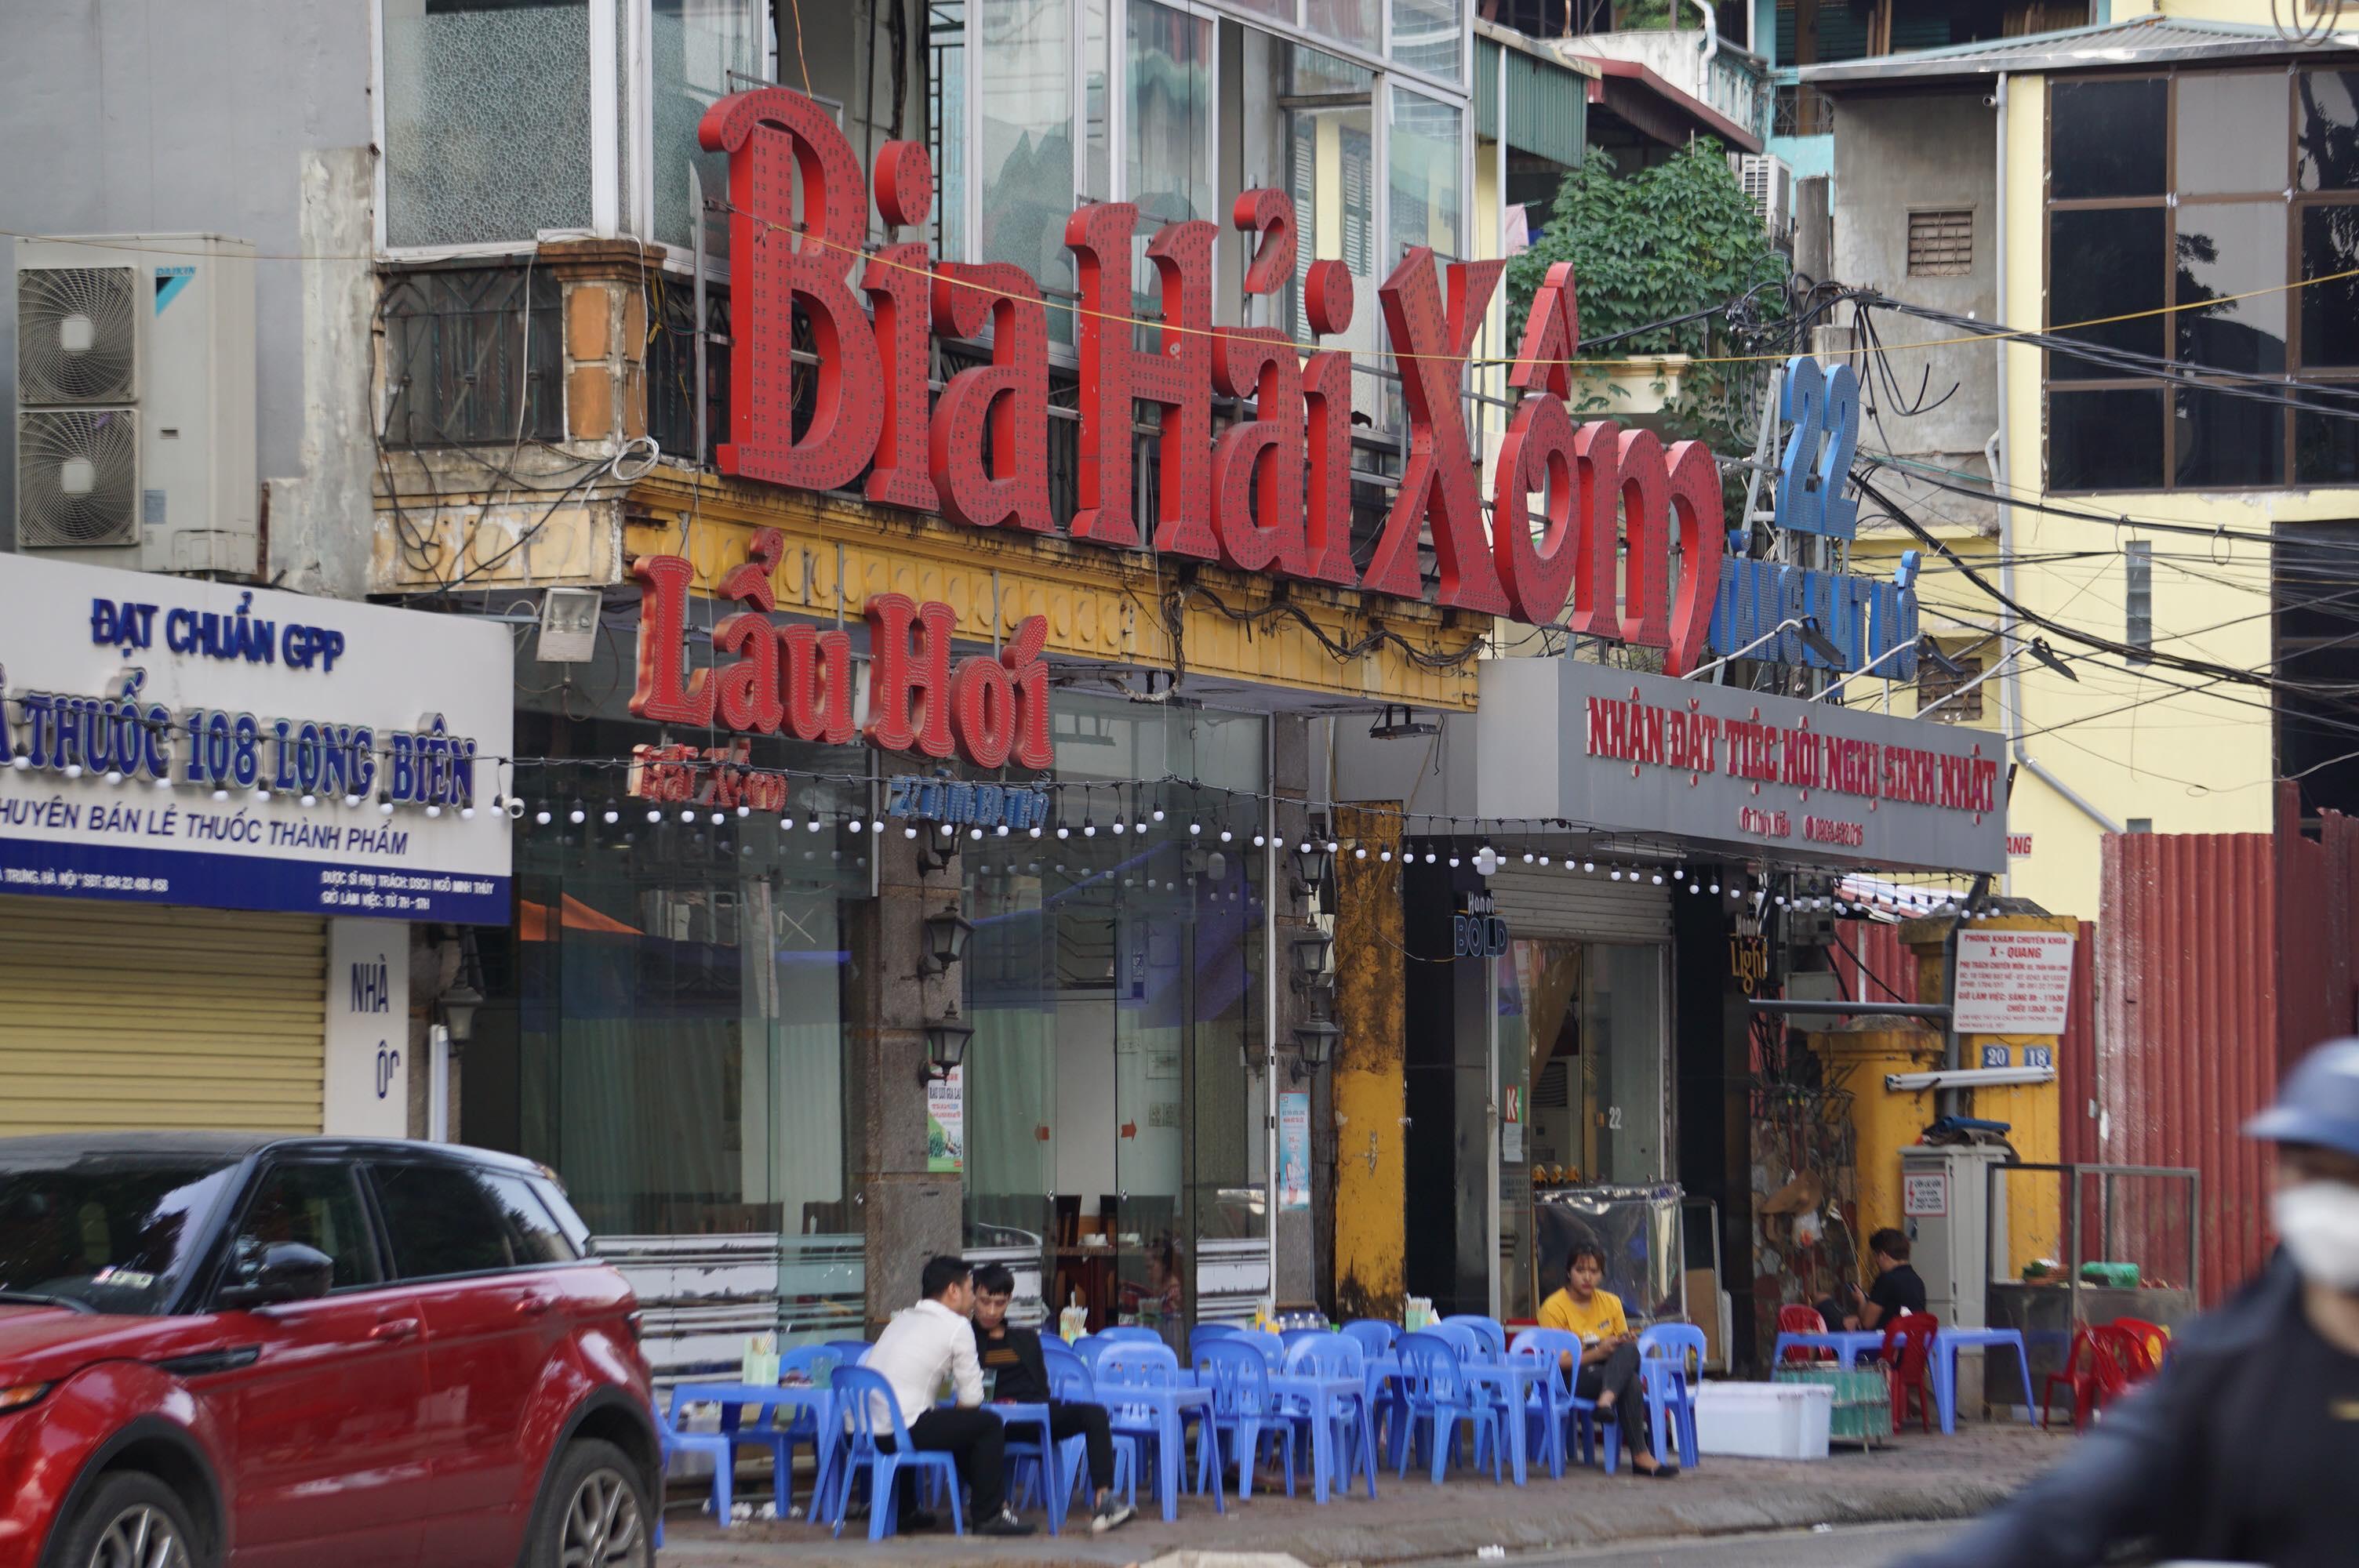 Hà Nội: Quán nhậu đìu hiu vắng khách, thất thu sau Nghị định 100 - 9